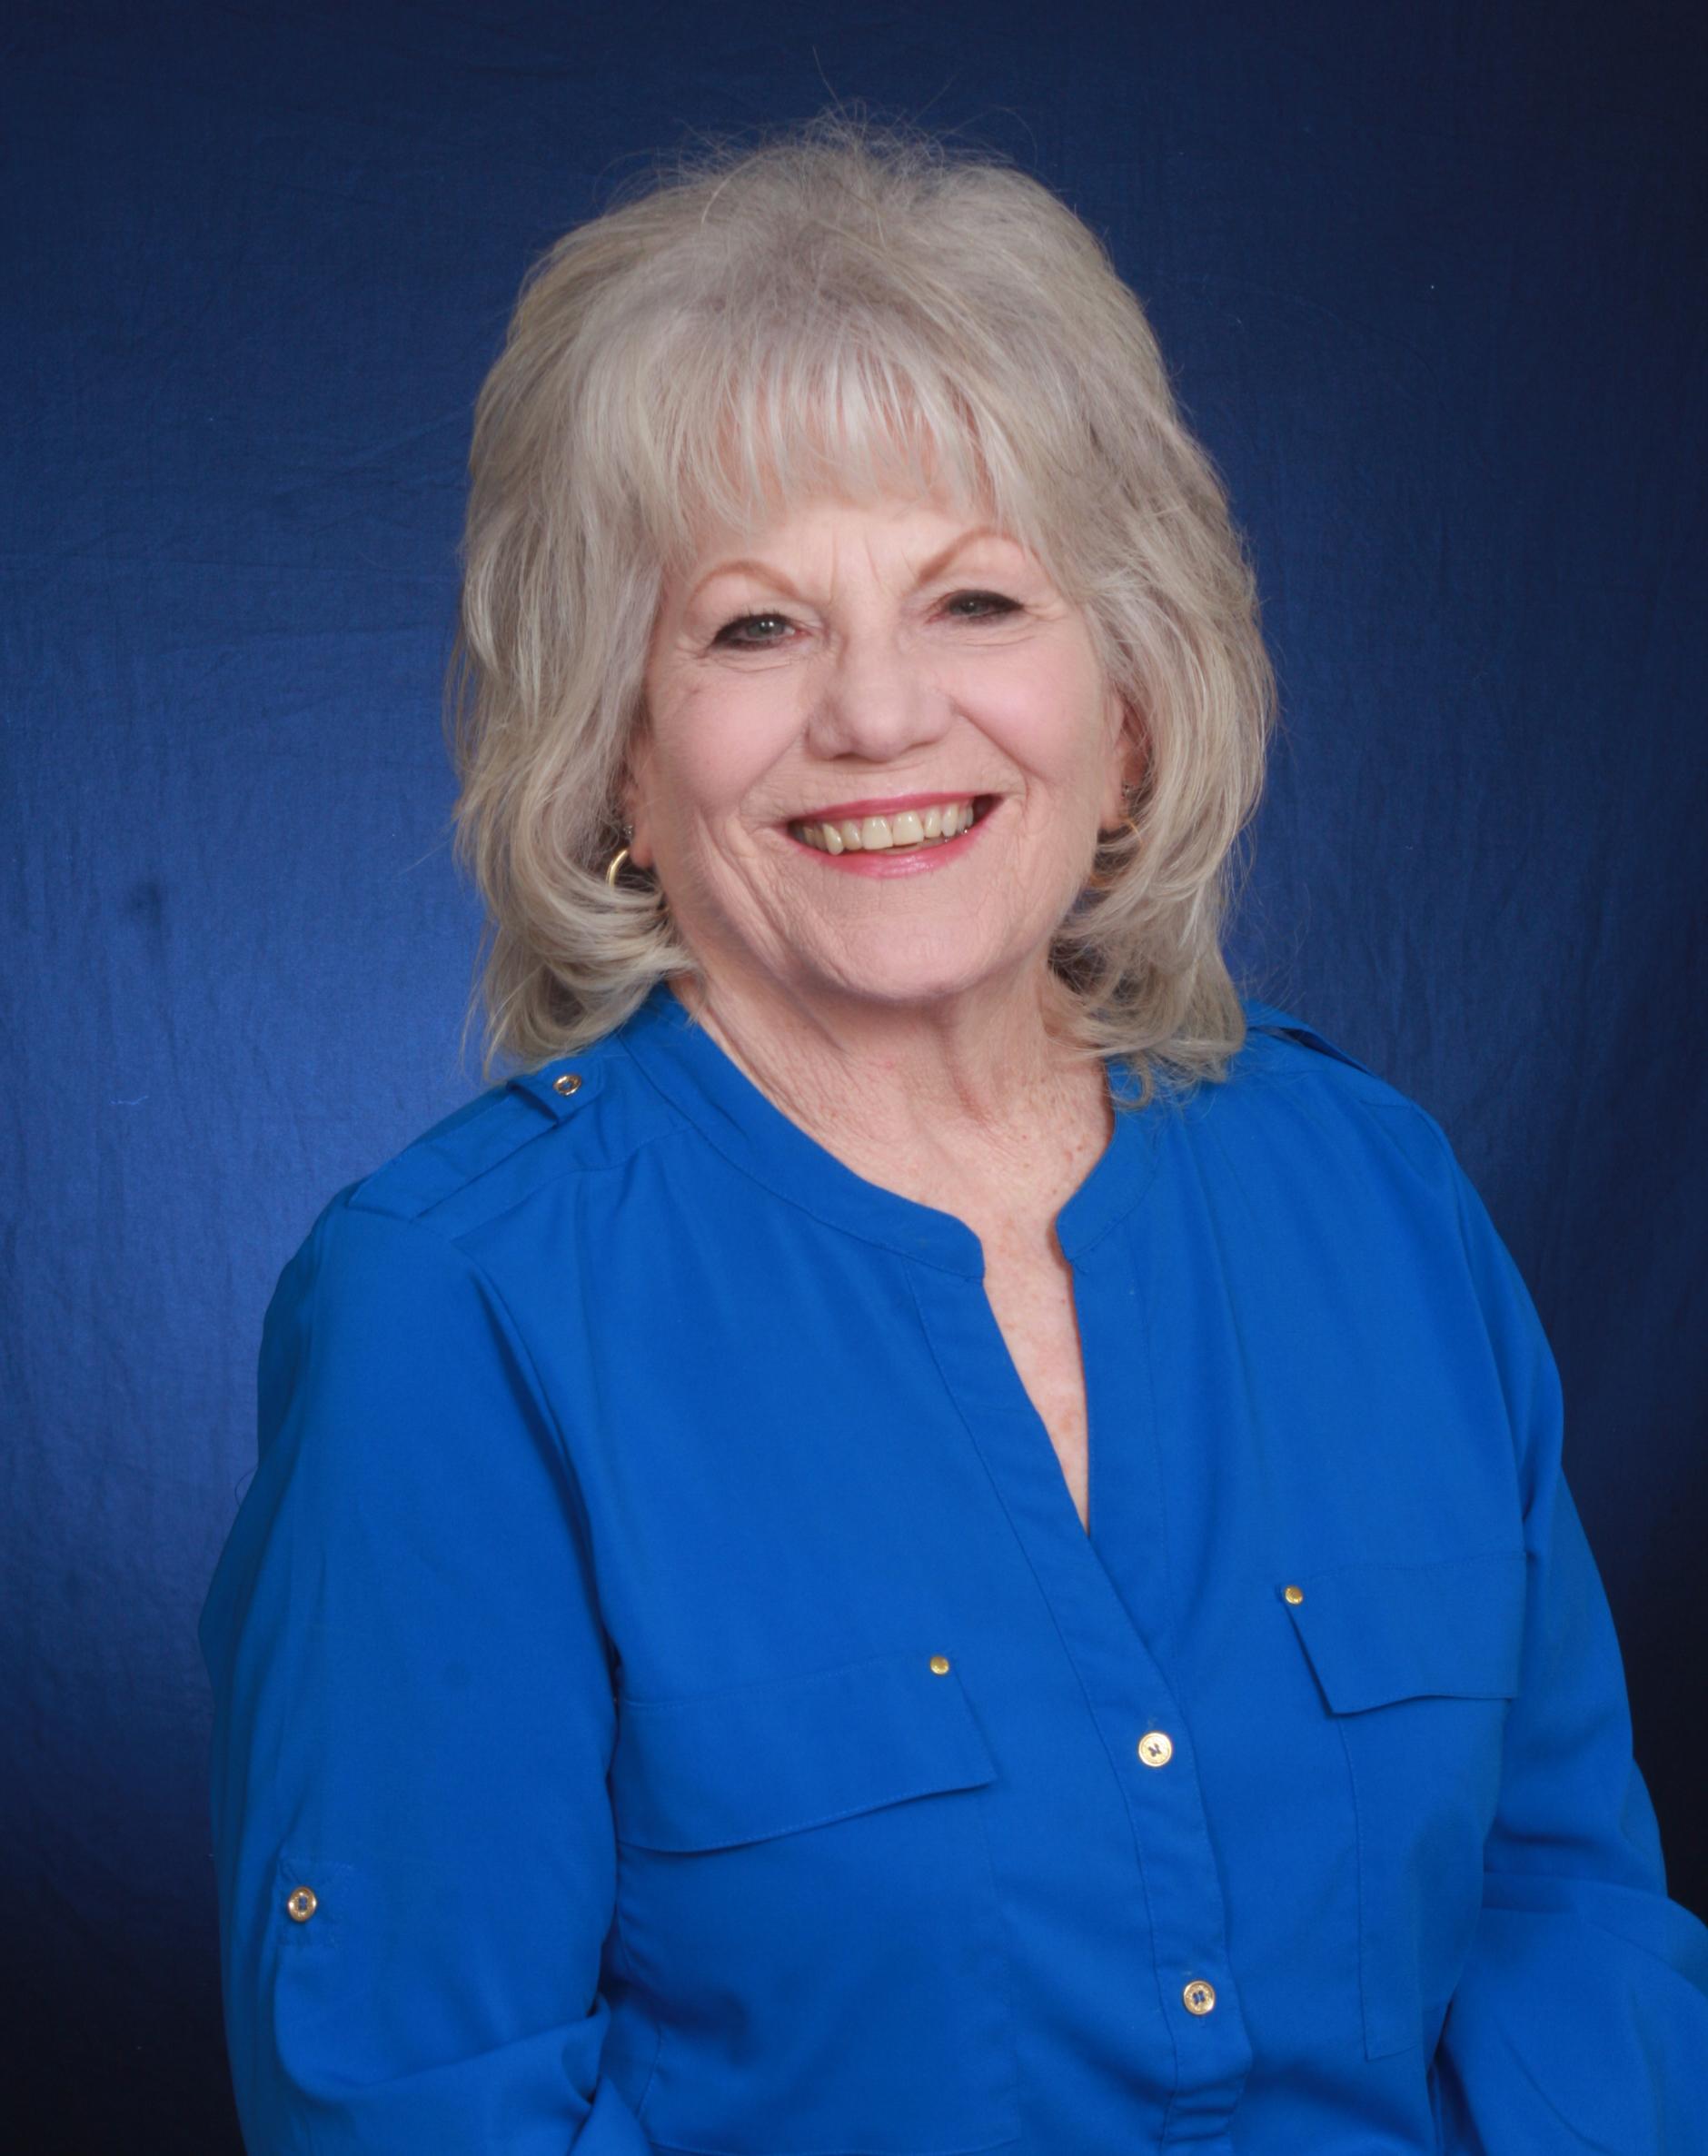 Karen Pfeifer, Executive Assistant